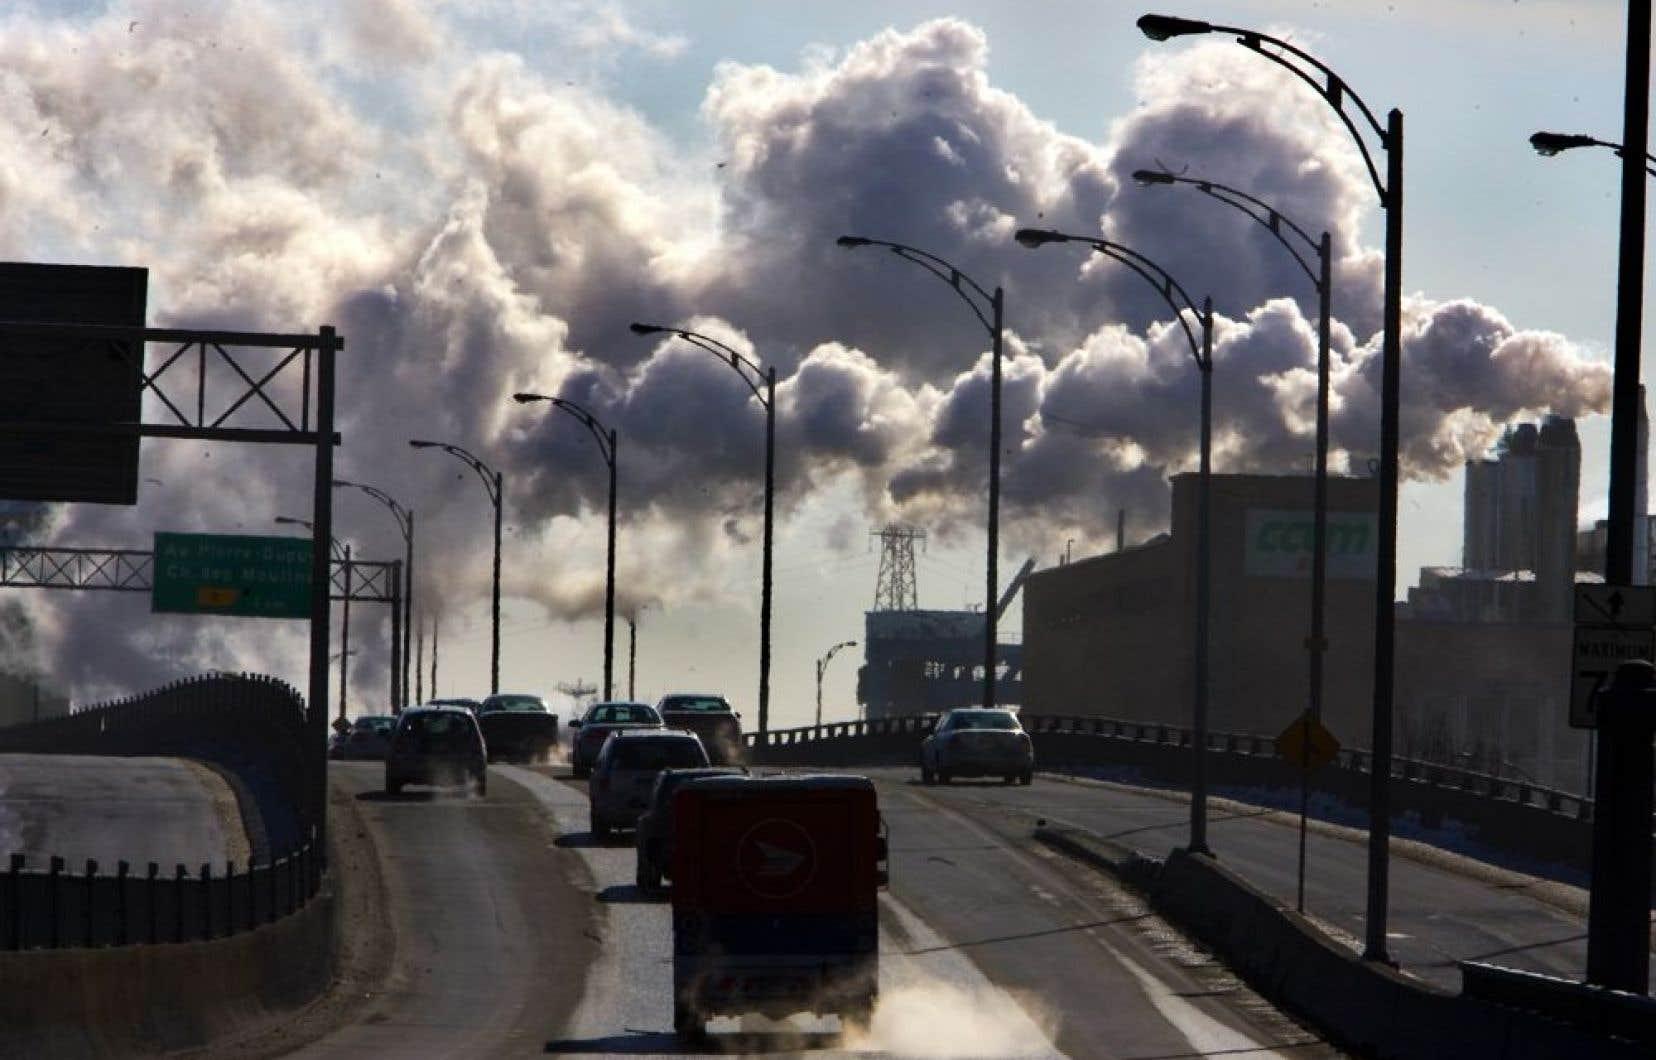 Les prévisions des scientifiques indiquent que la concentration de CO2 devrait atteindre 450 ppm d'ici quelques décennies. Si les émissions de dioxyde de carbone dans l'atmosphère ne cessent d'augmenter et si la tendance se poursuit, la hausse du thermomètre devrait être de 3 à 5°C.